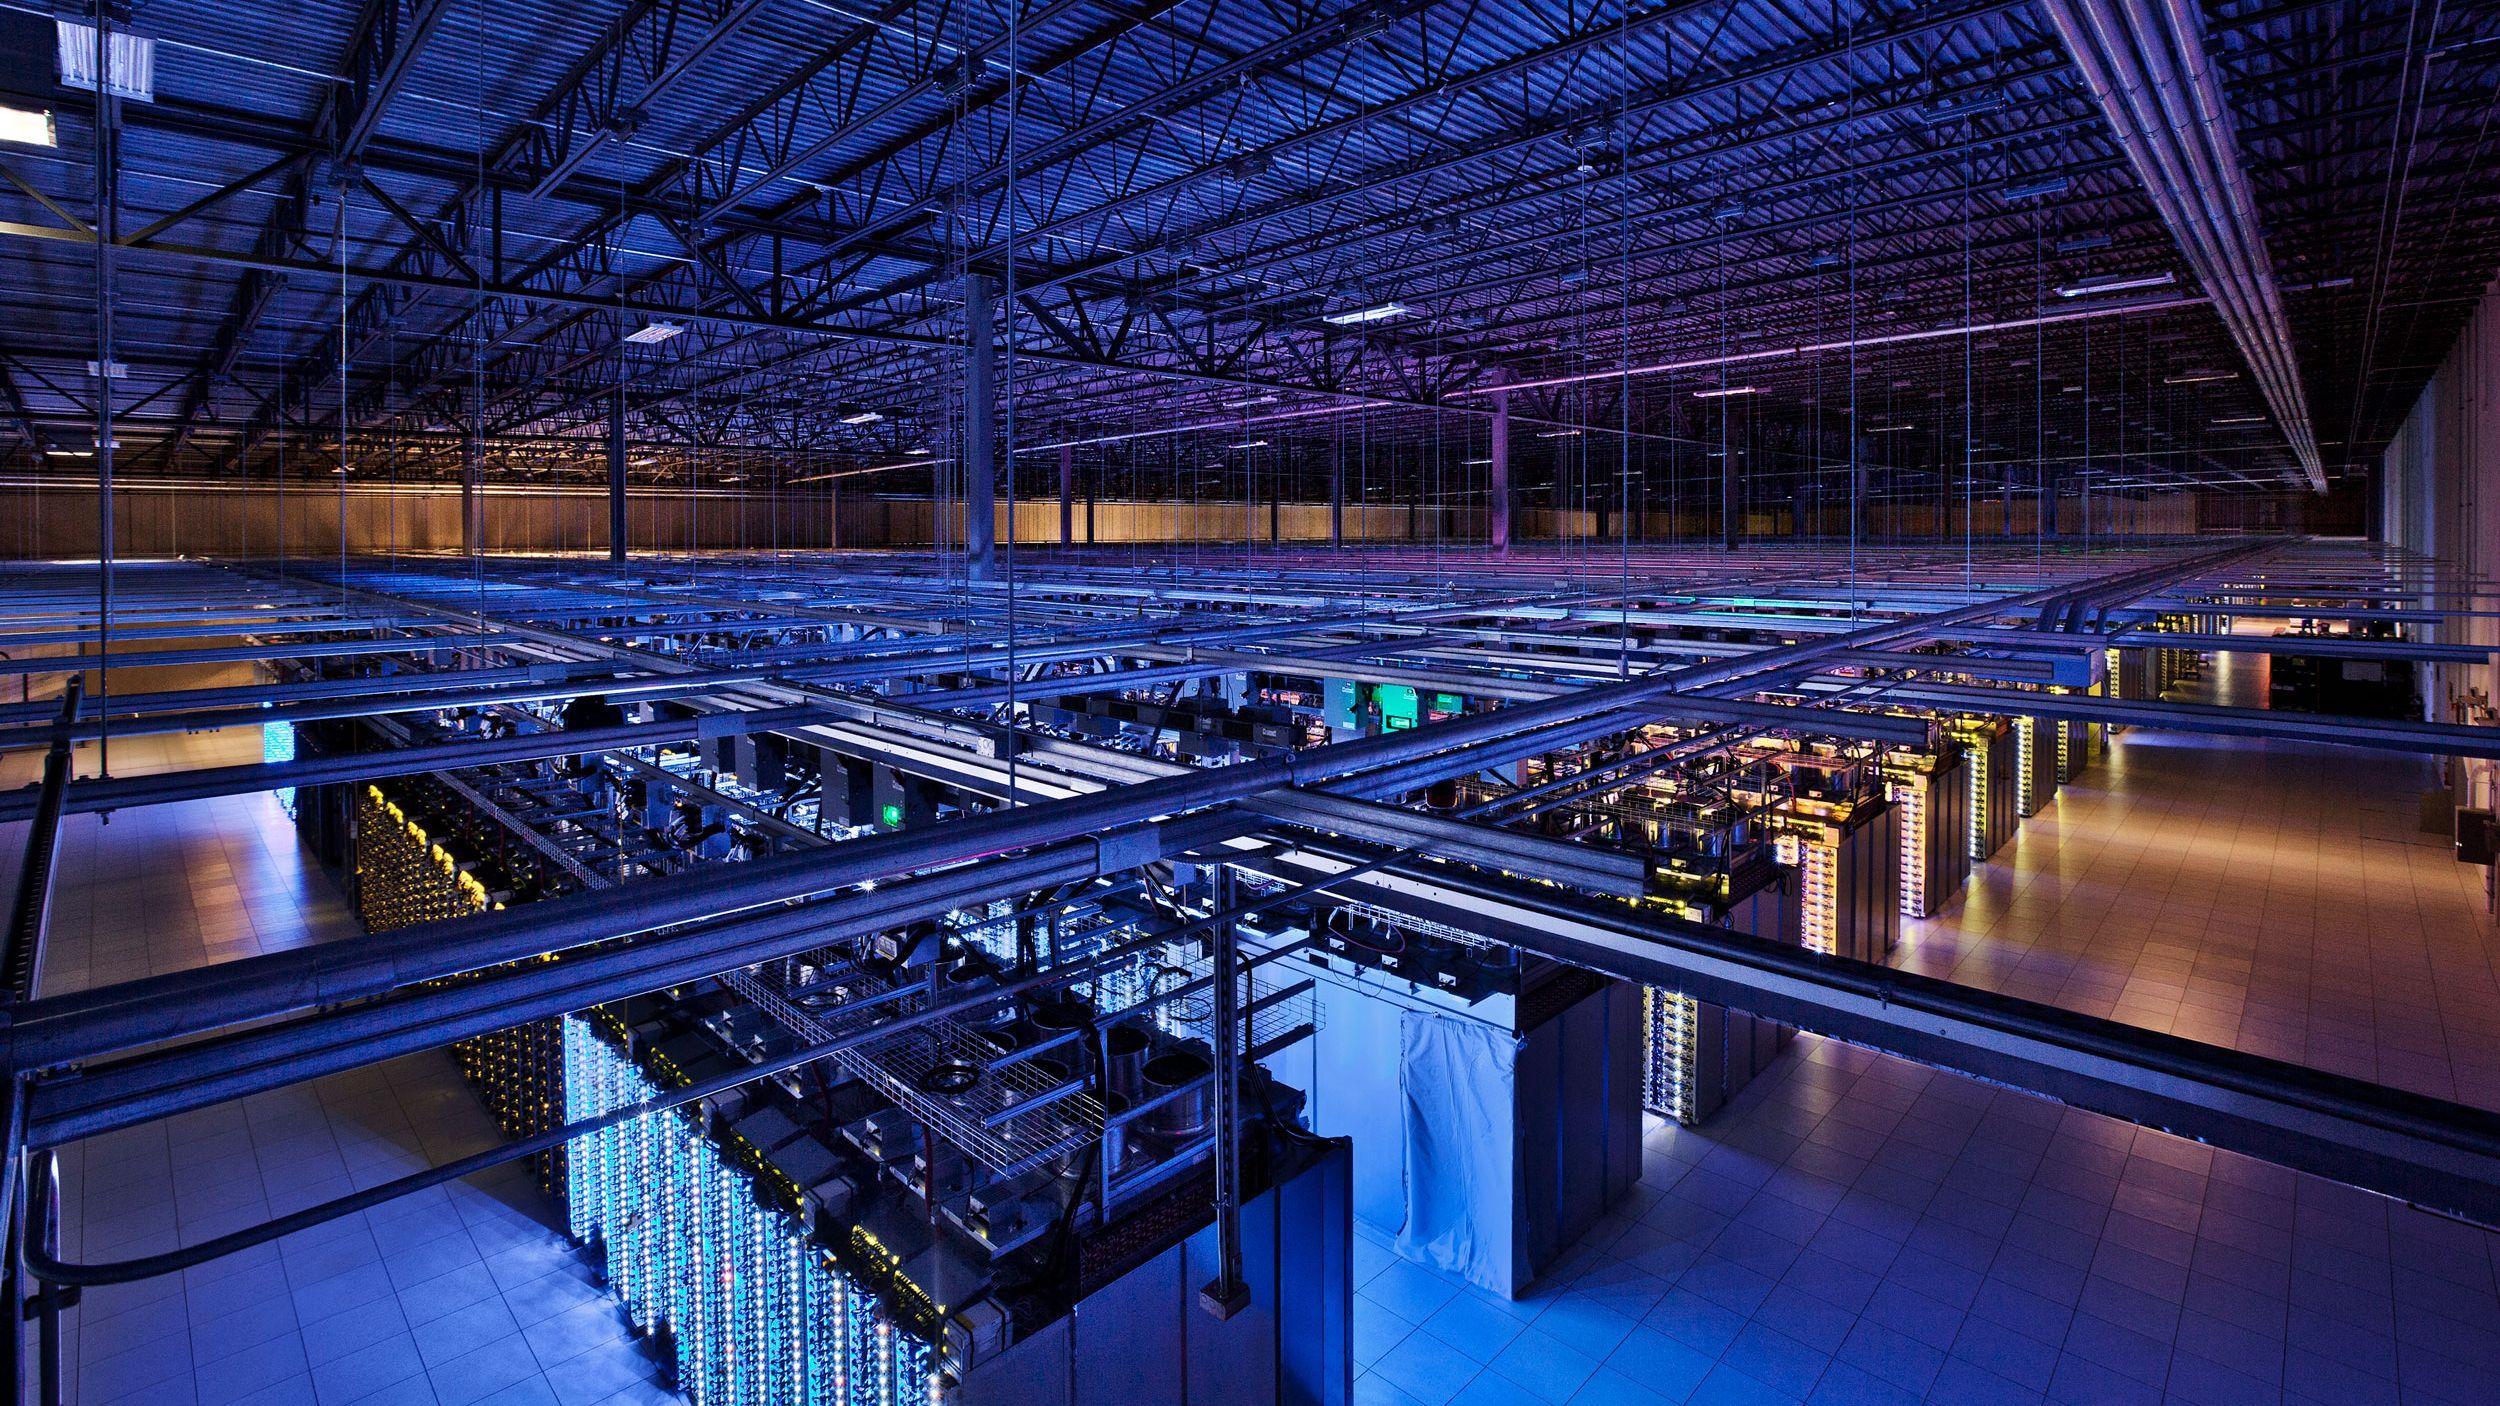 グーグルがデータセンターの空調をAIで節約、アルファ碁技術応用